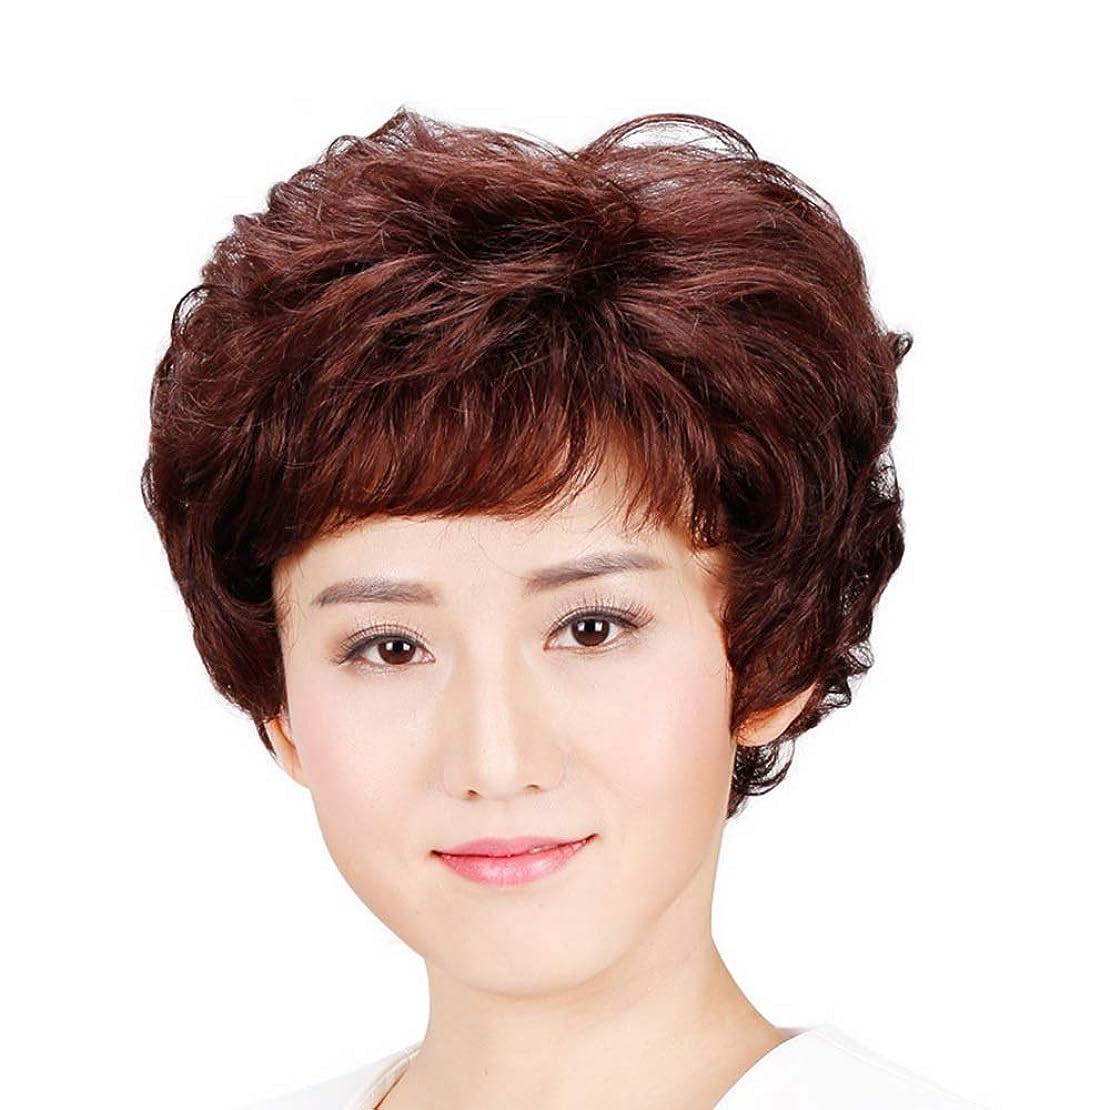 いじめっ子ワイプ黄ばむYrattary 女性のための自然な人間の髪の毛の短いストレートヘア中年のかつら母のギフトパーティーのかつら (Color : Natural black, サイズ : Mechanism)